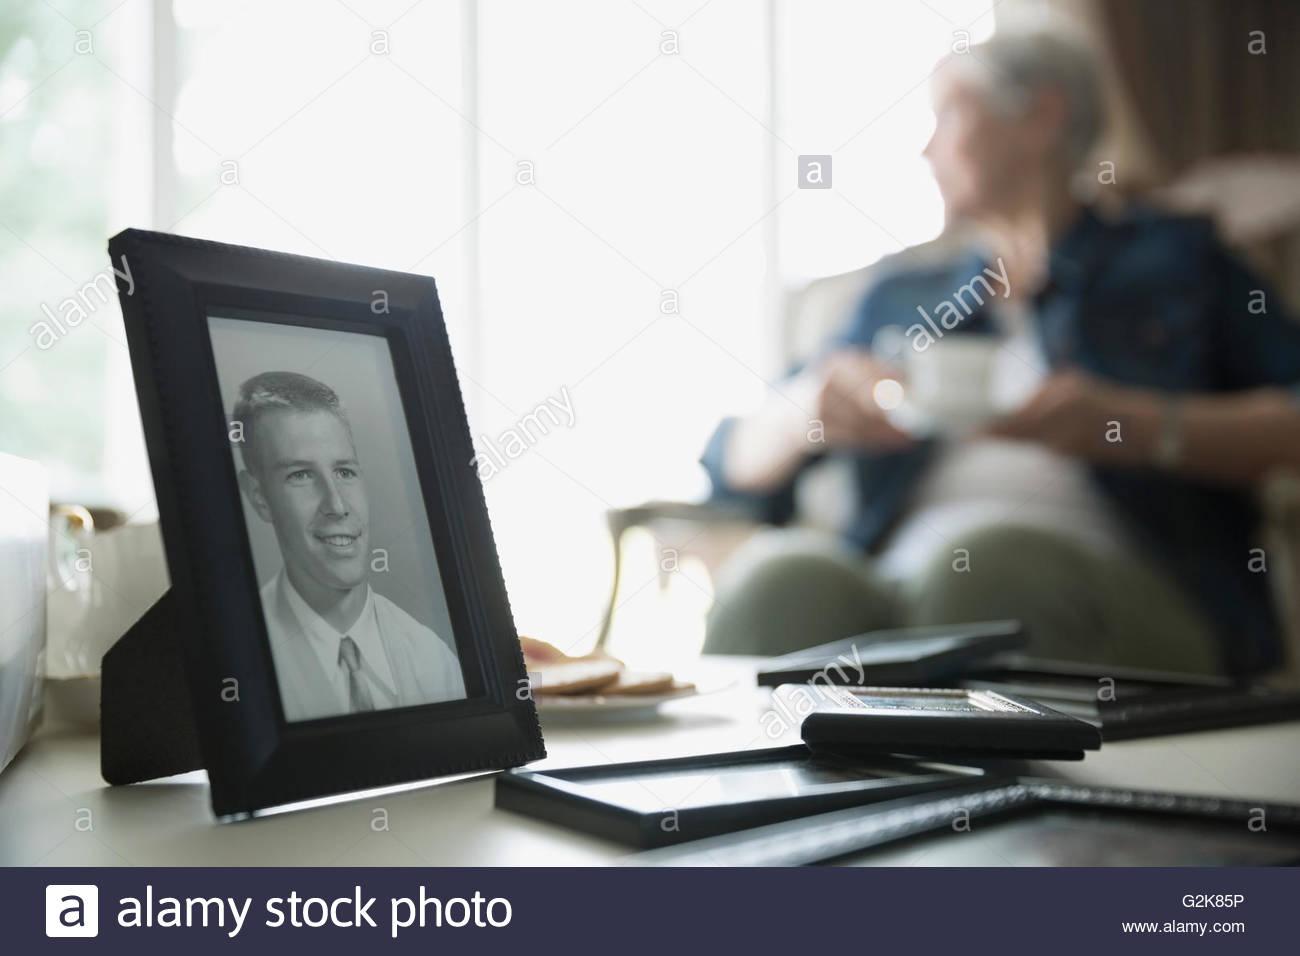 Vecchia fotografia dell'uomo con la donna senior in background Immagini Stock